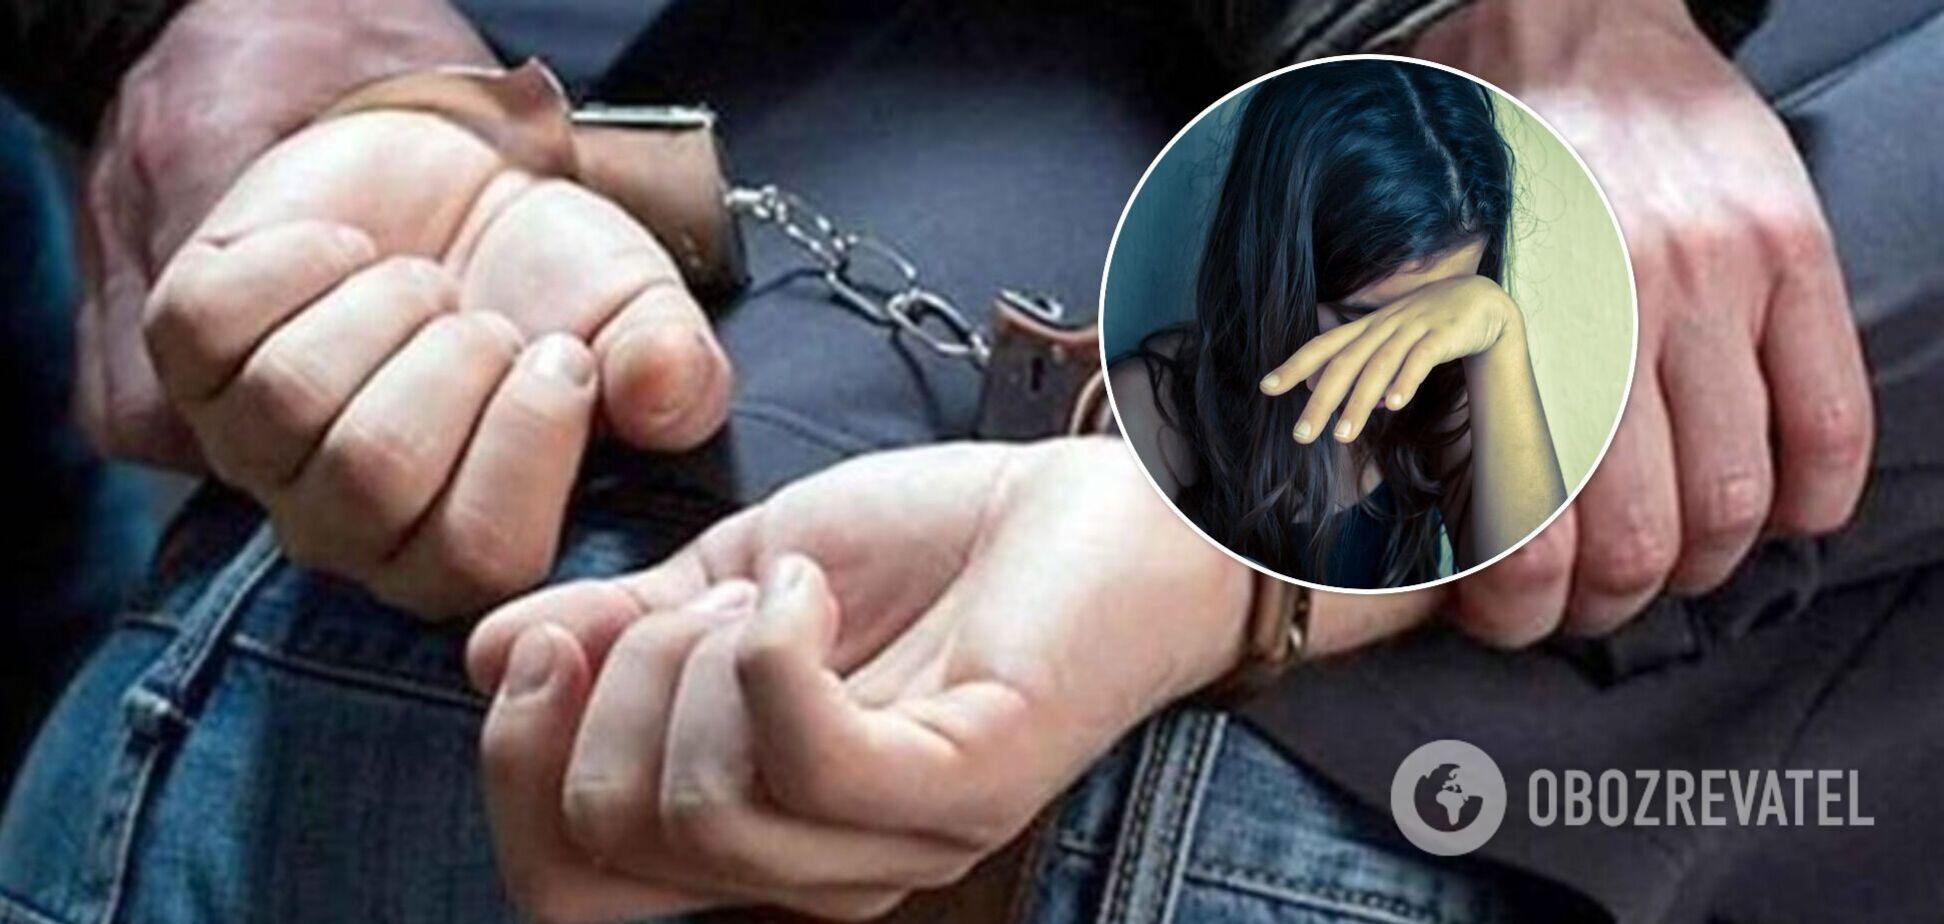 У Краматорську заарештували педофіла, який зґвалтував 11-річну дівчинку неприродним способом